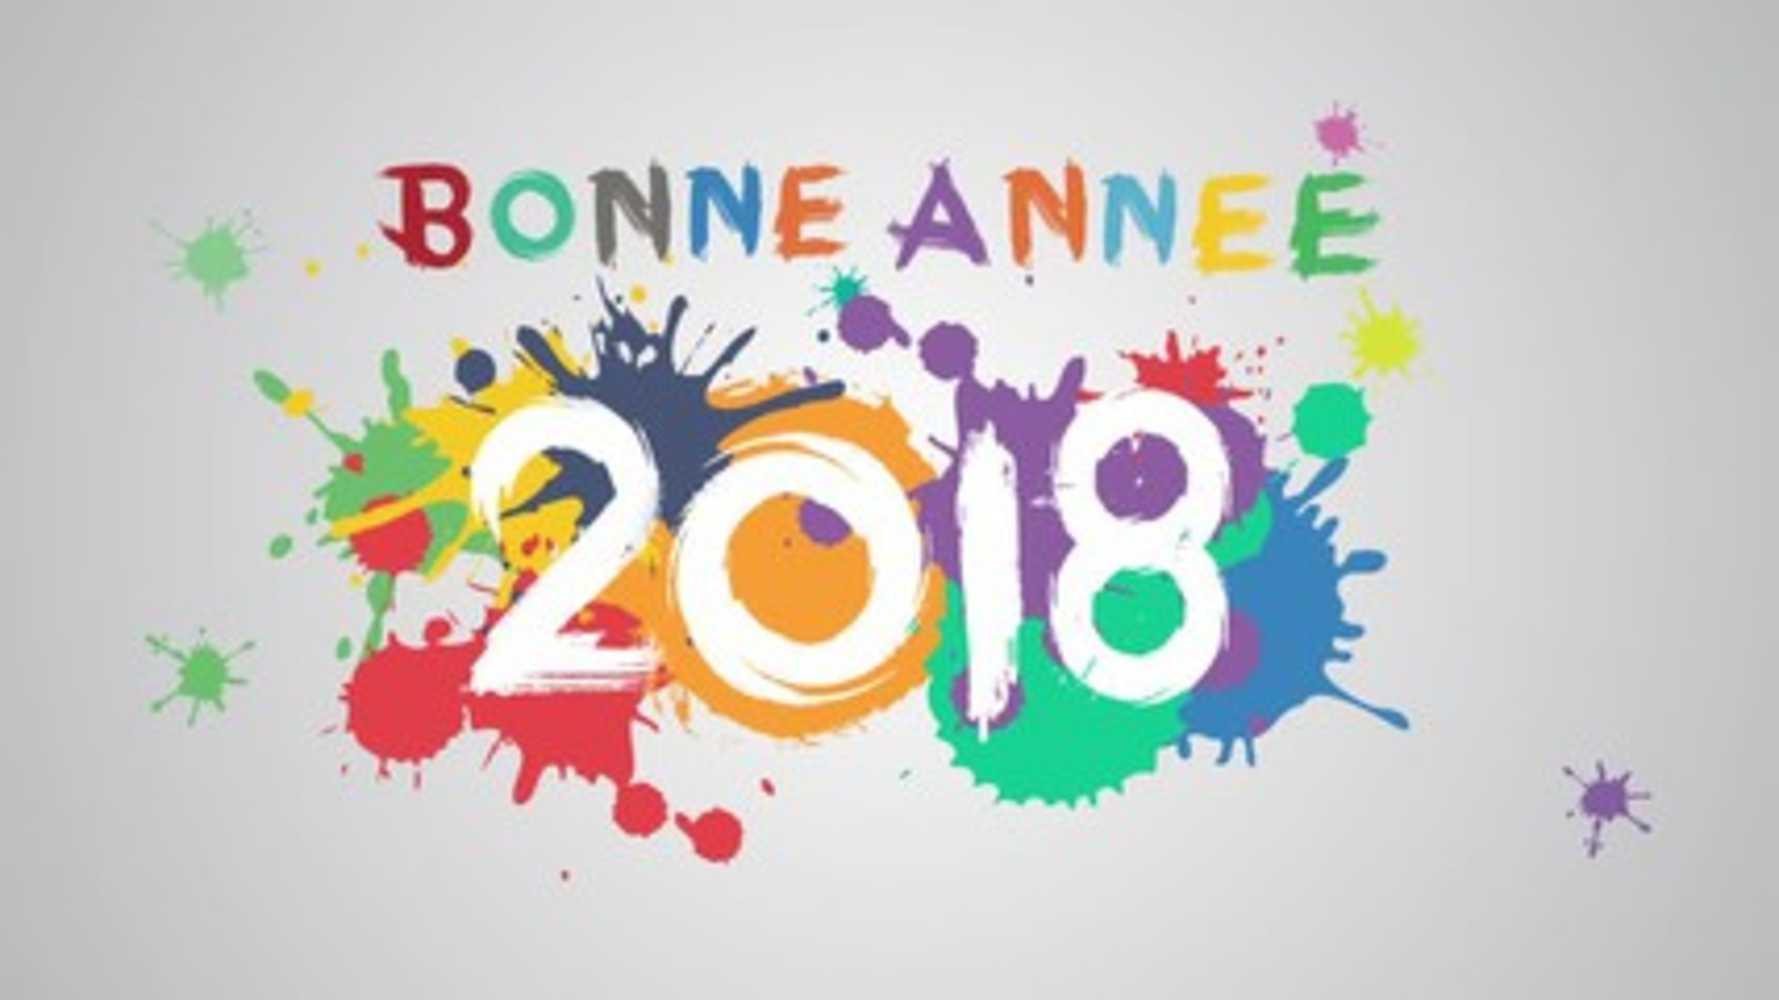 Bonne année aux habitant(e)s du quartier samedi 13 janvier à 17h30 0